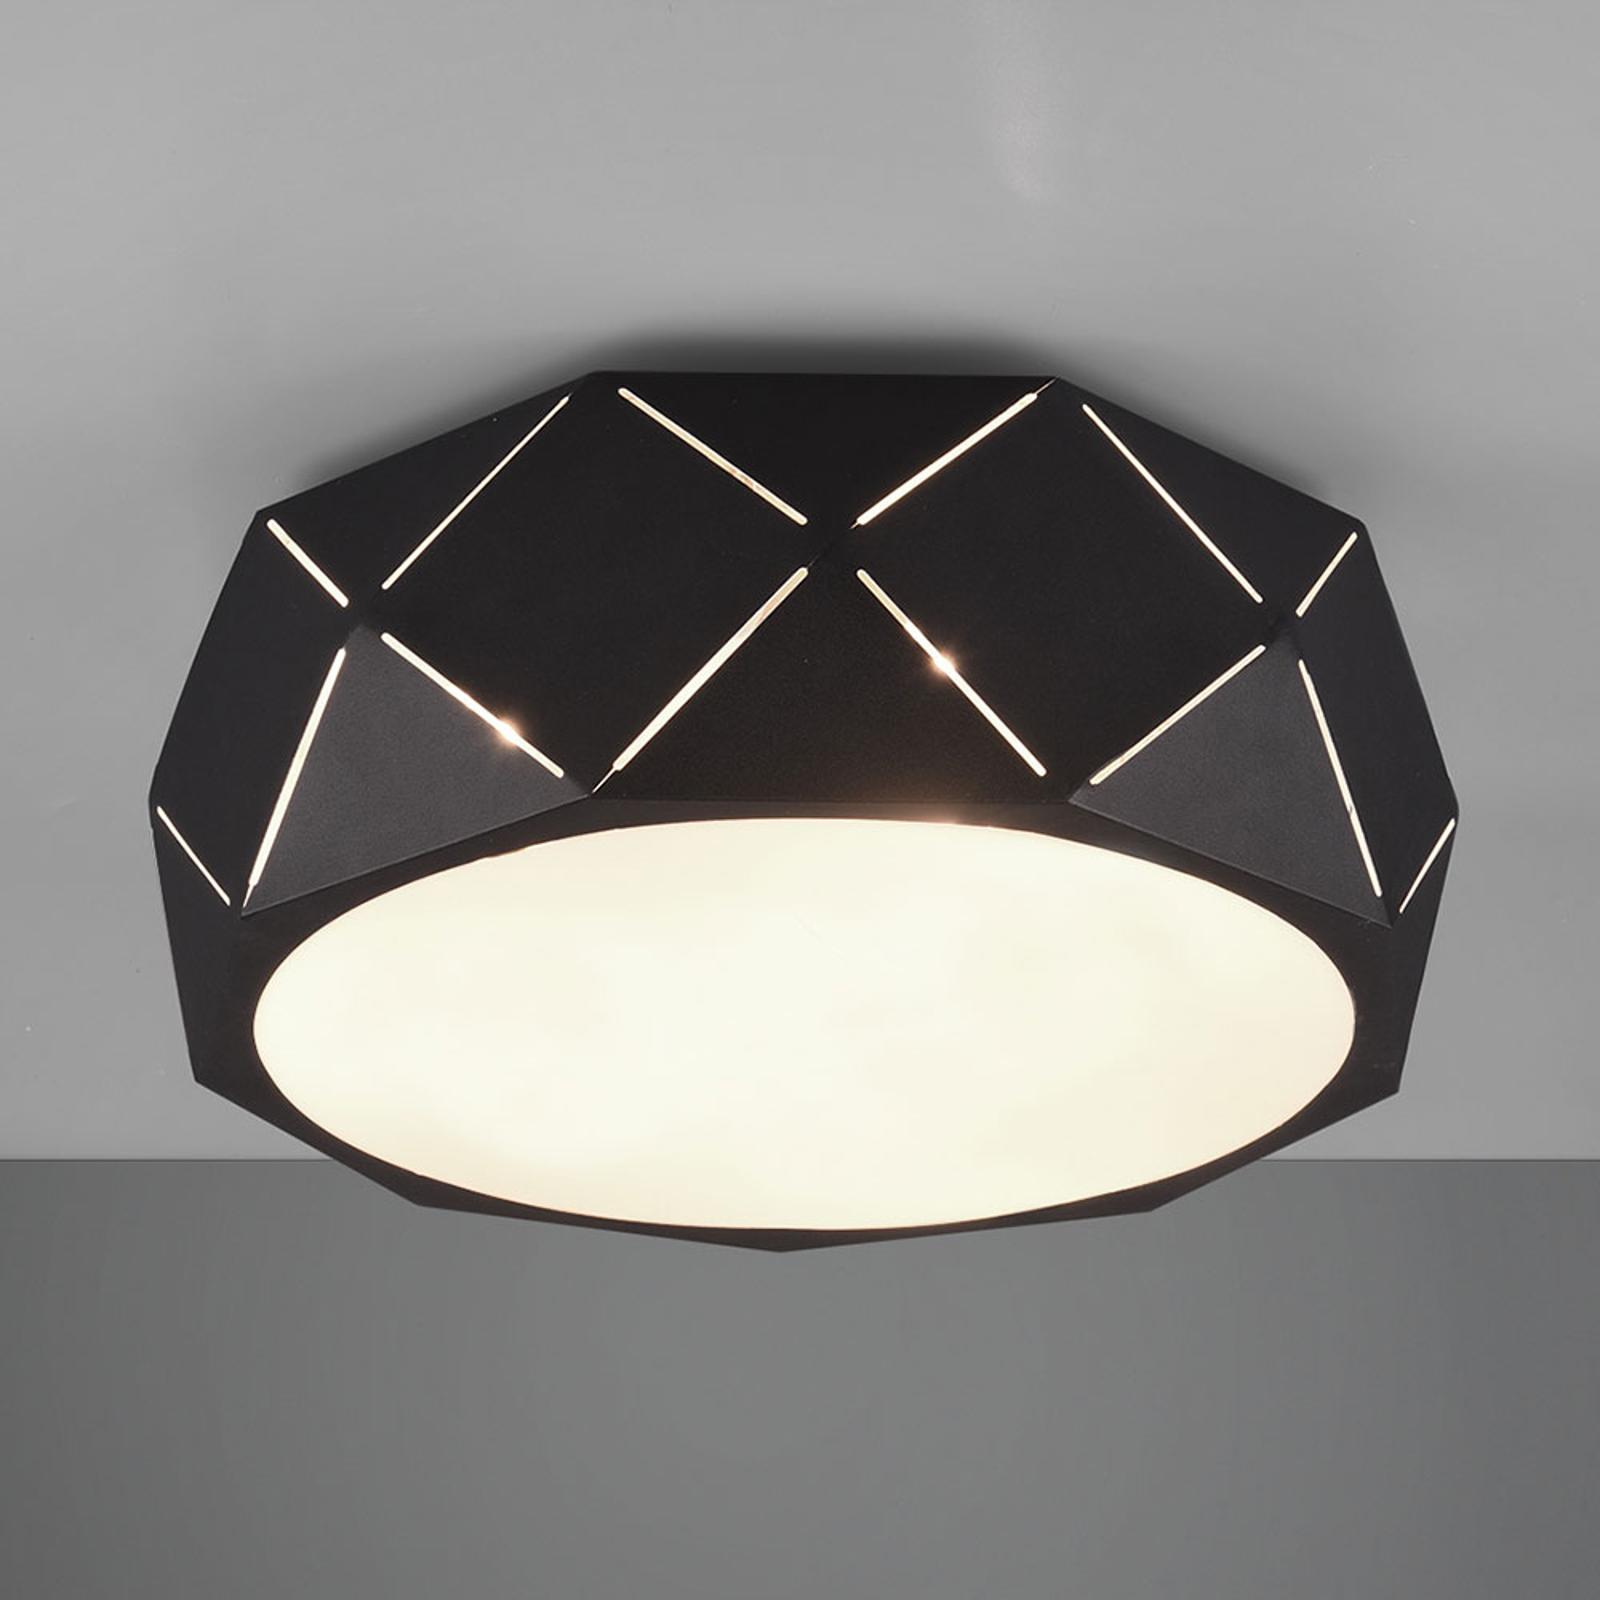 Deckenlampe Zandor mit schwarzem Schirm